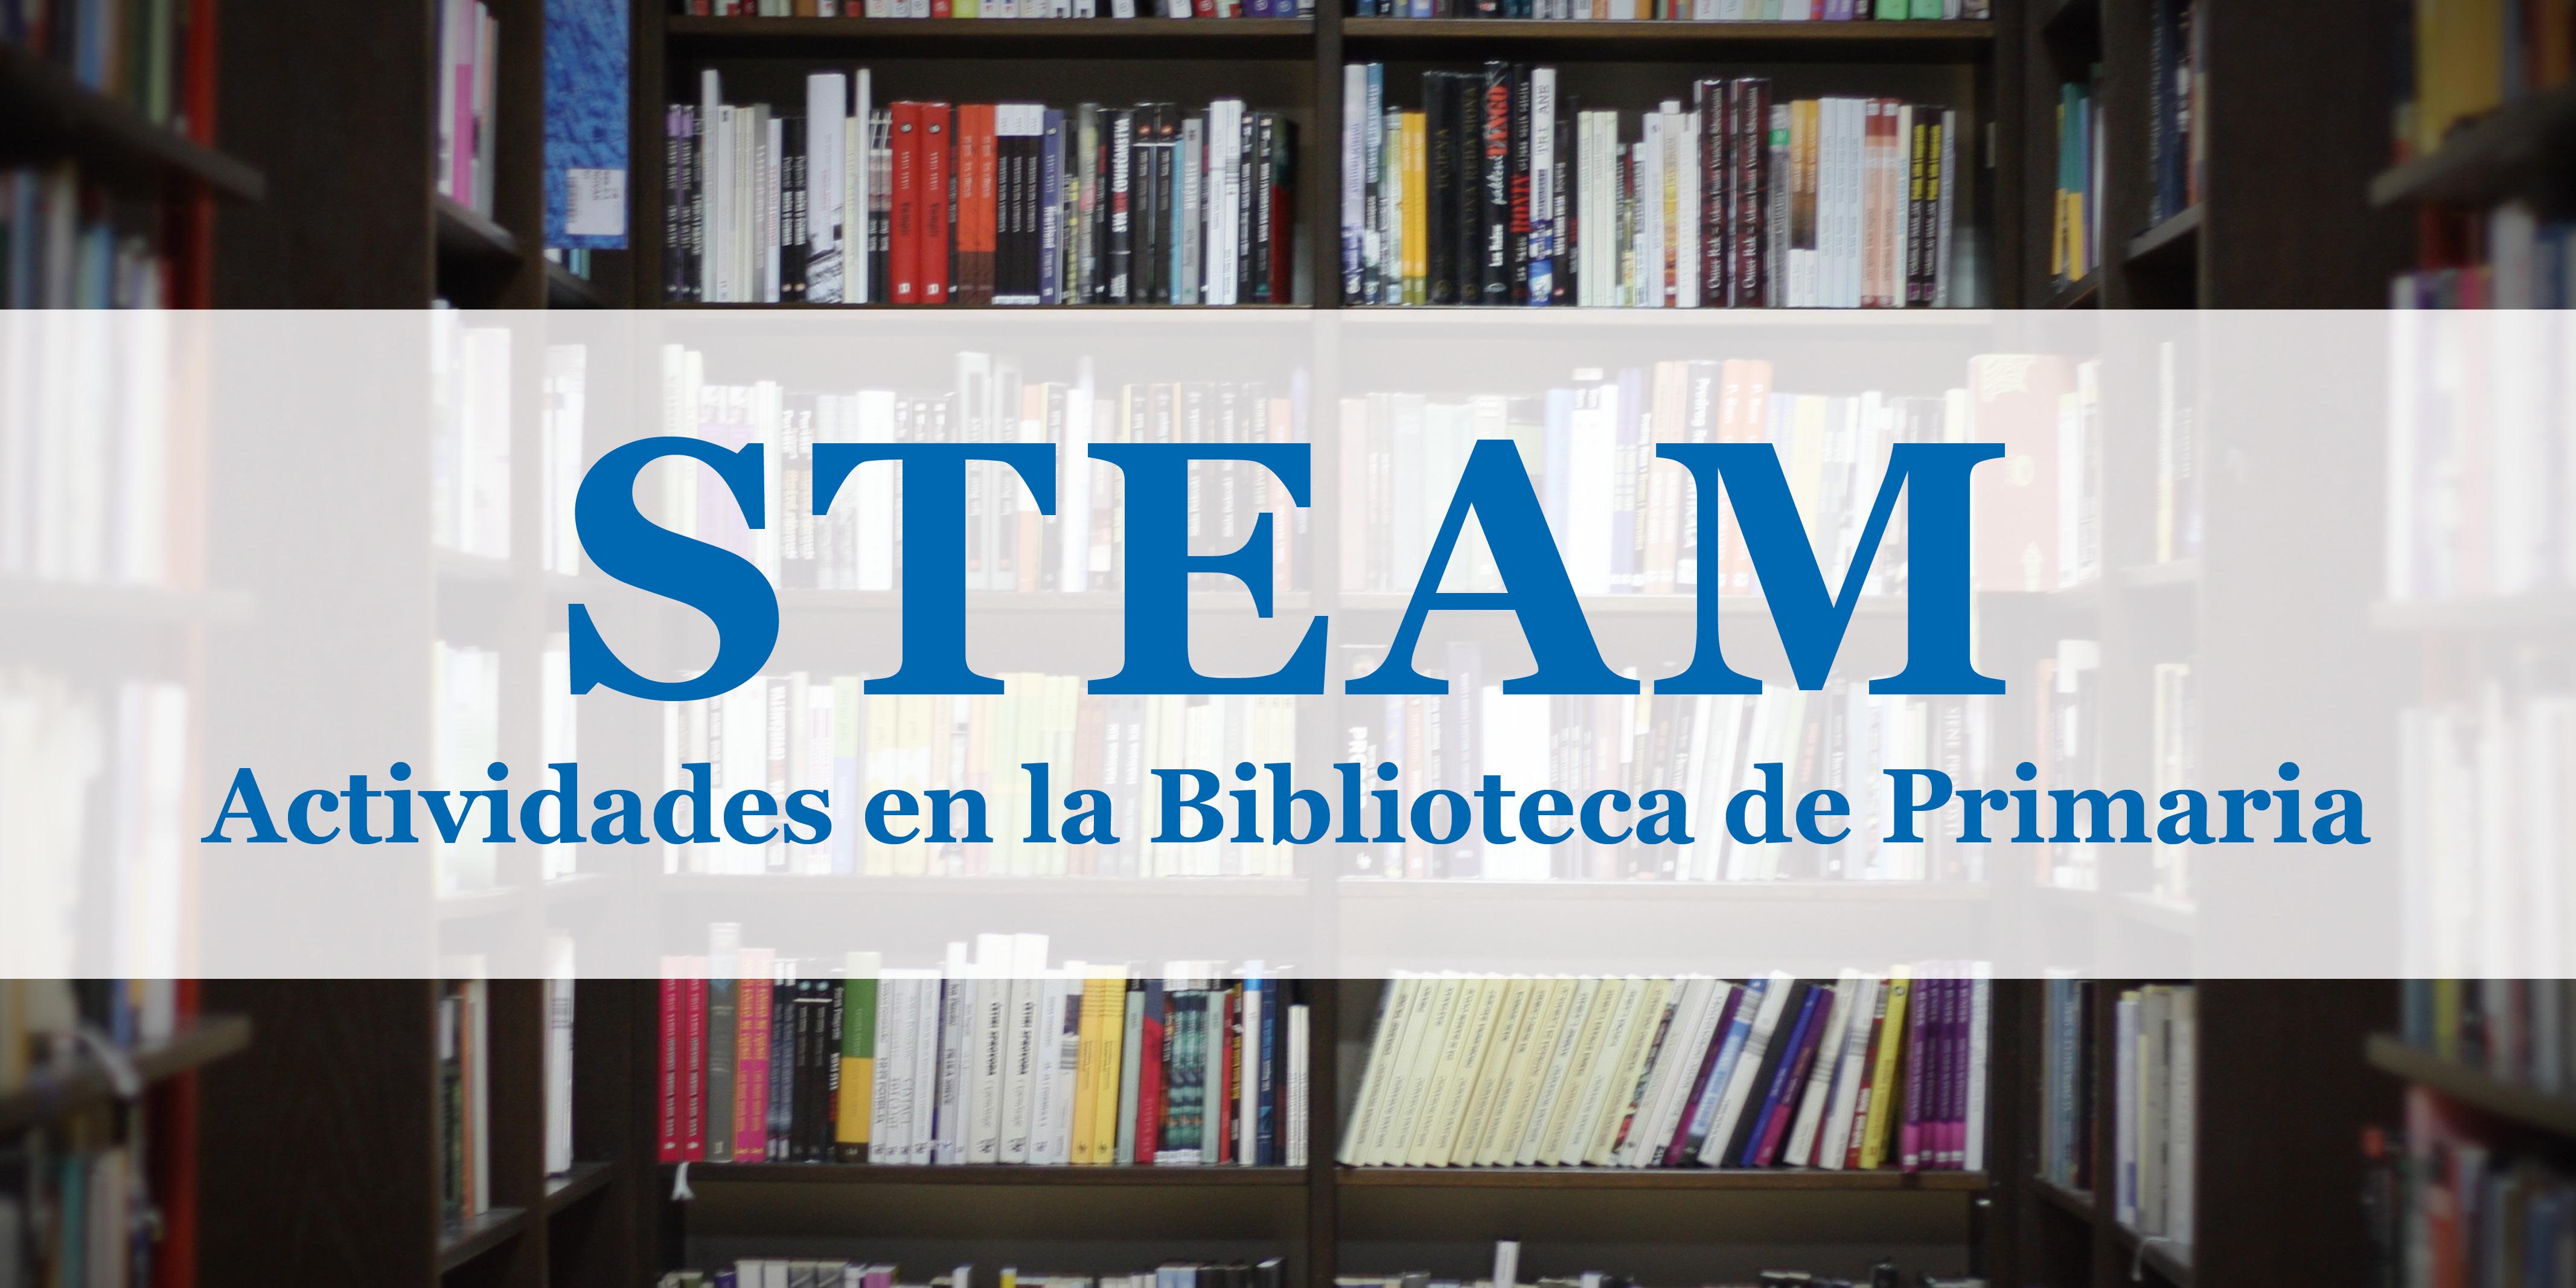 Actividades de STEAM en la Biblioteca de Primaria